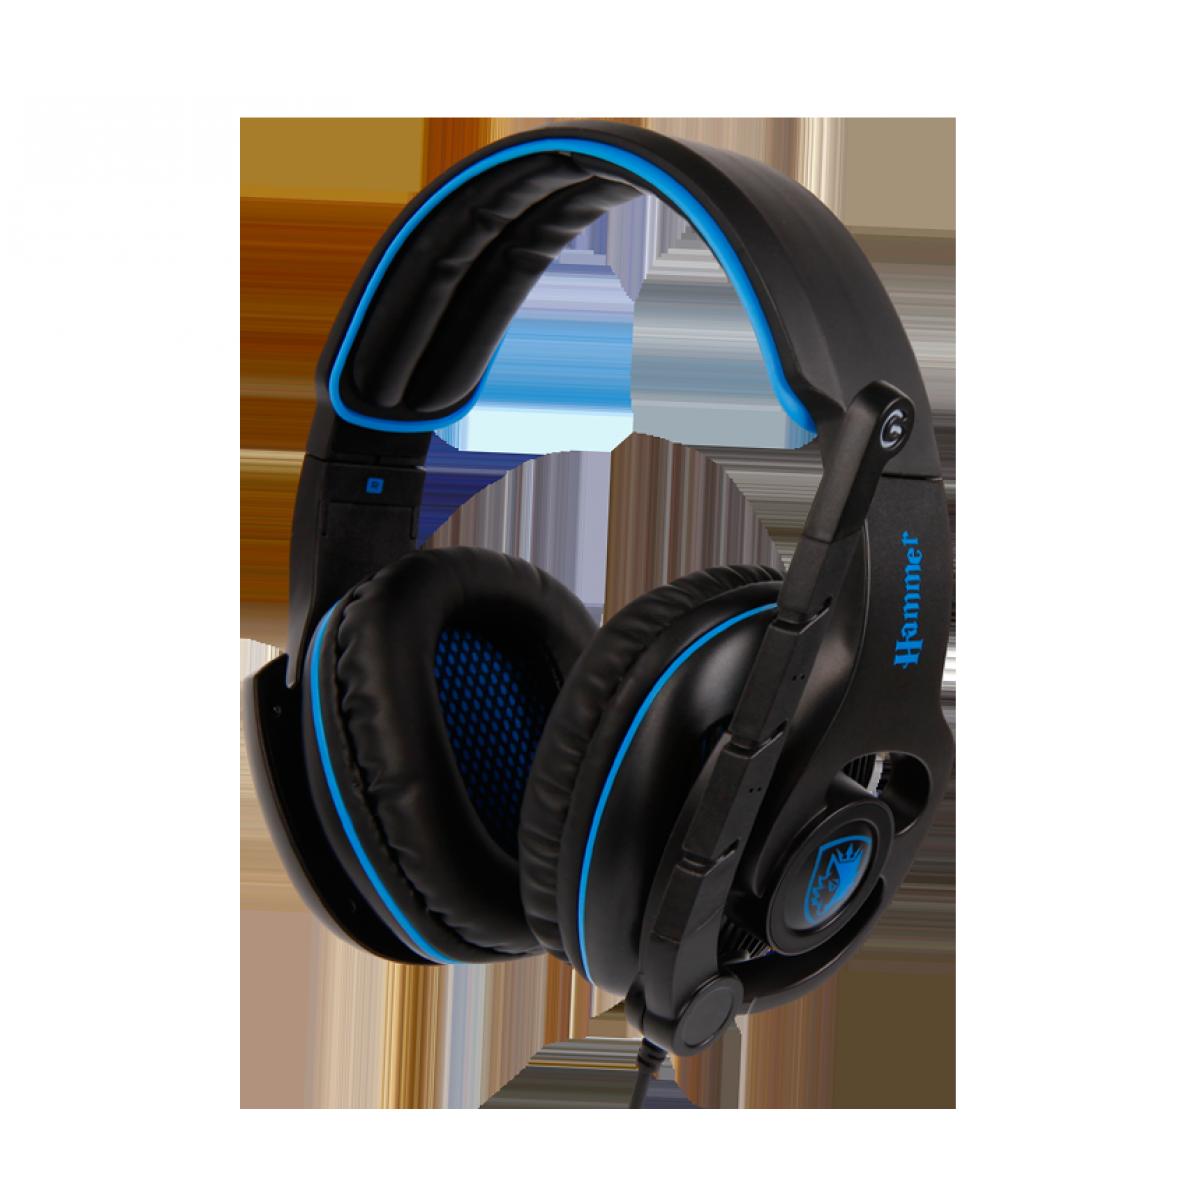 Headset Gamer Sades Sa-923 Hammer, 7.1 Surround, Black/Blue, Sa-923